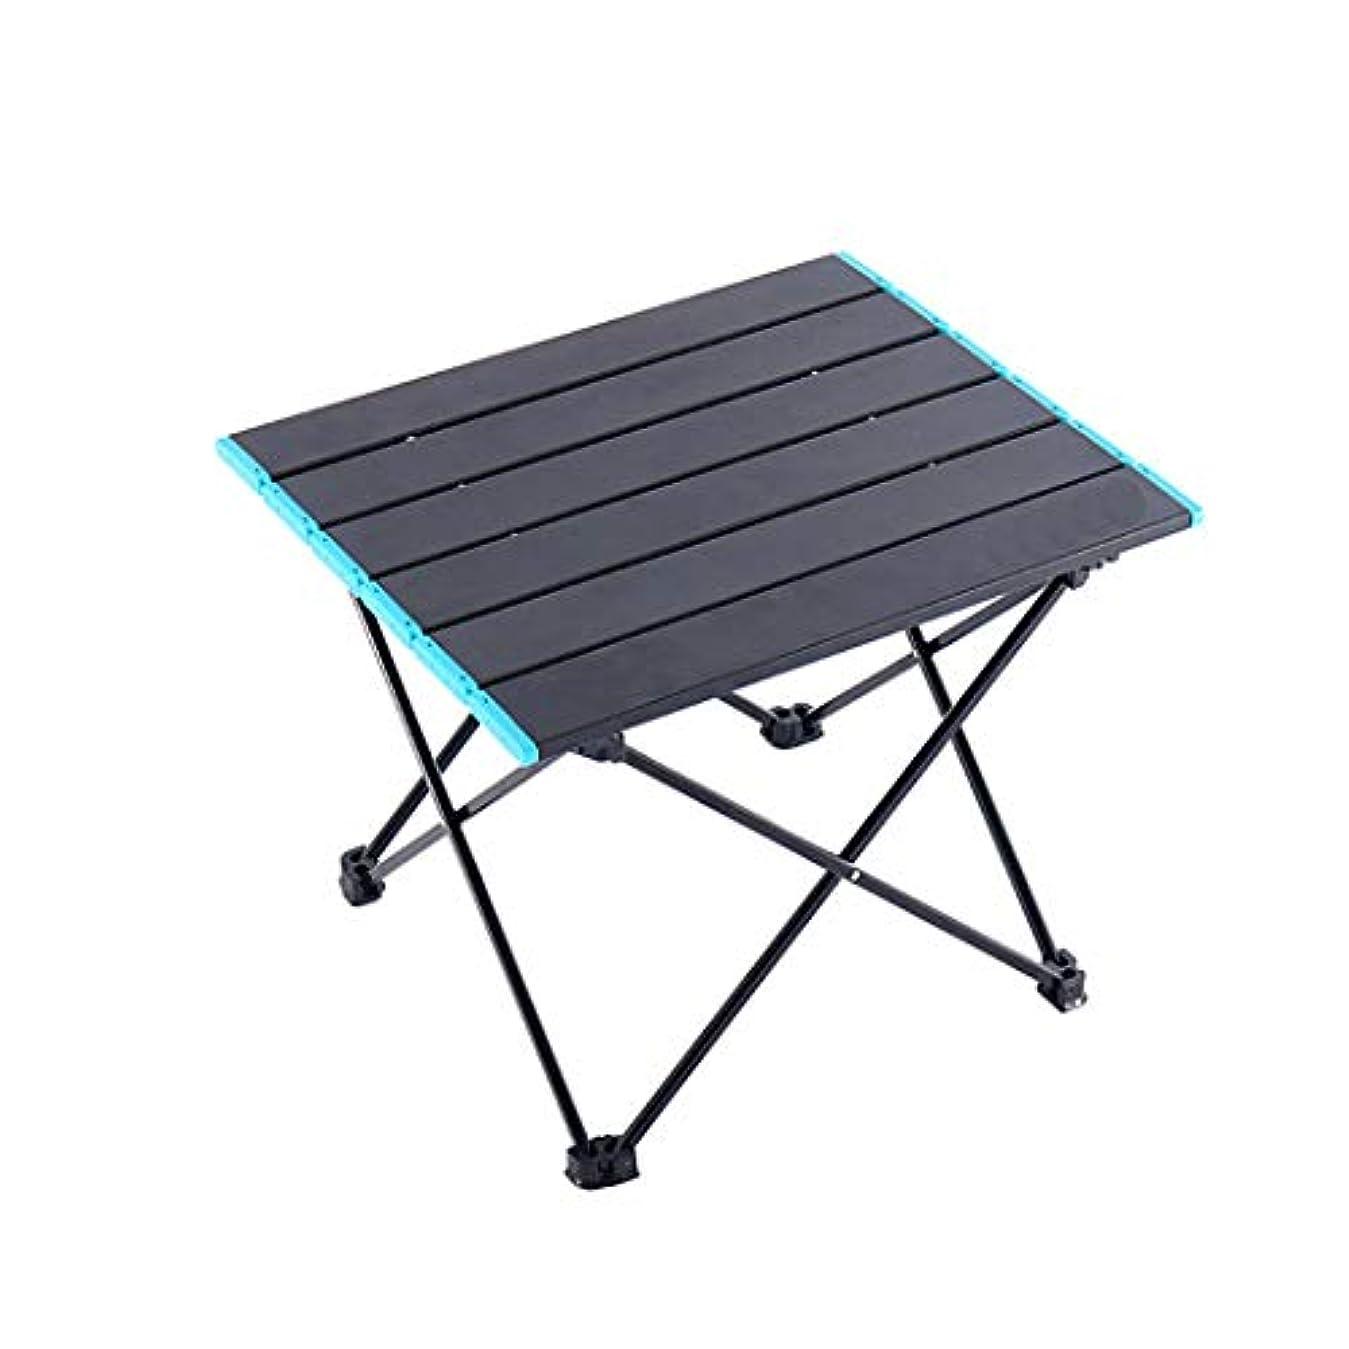 中に無し距離アルミ折りたたみ式テーブル_大型アルミ折りたたみ式テーブル屋外自動運転式ポータブルバーベキューテーブル